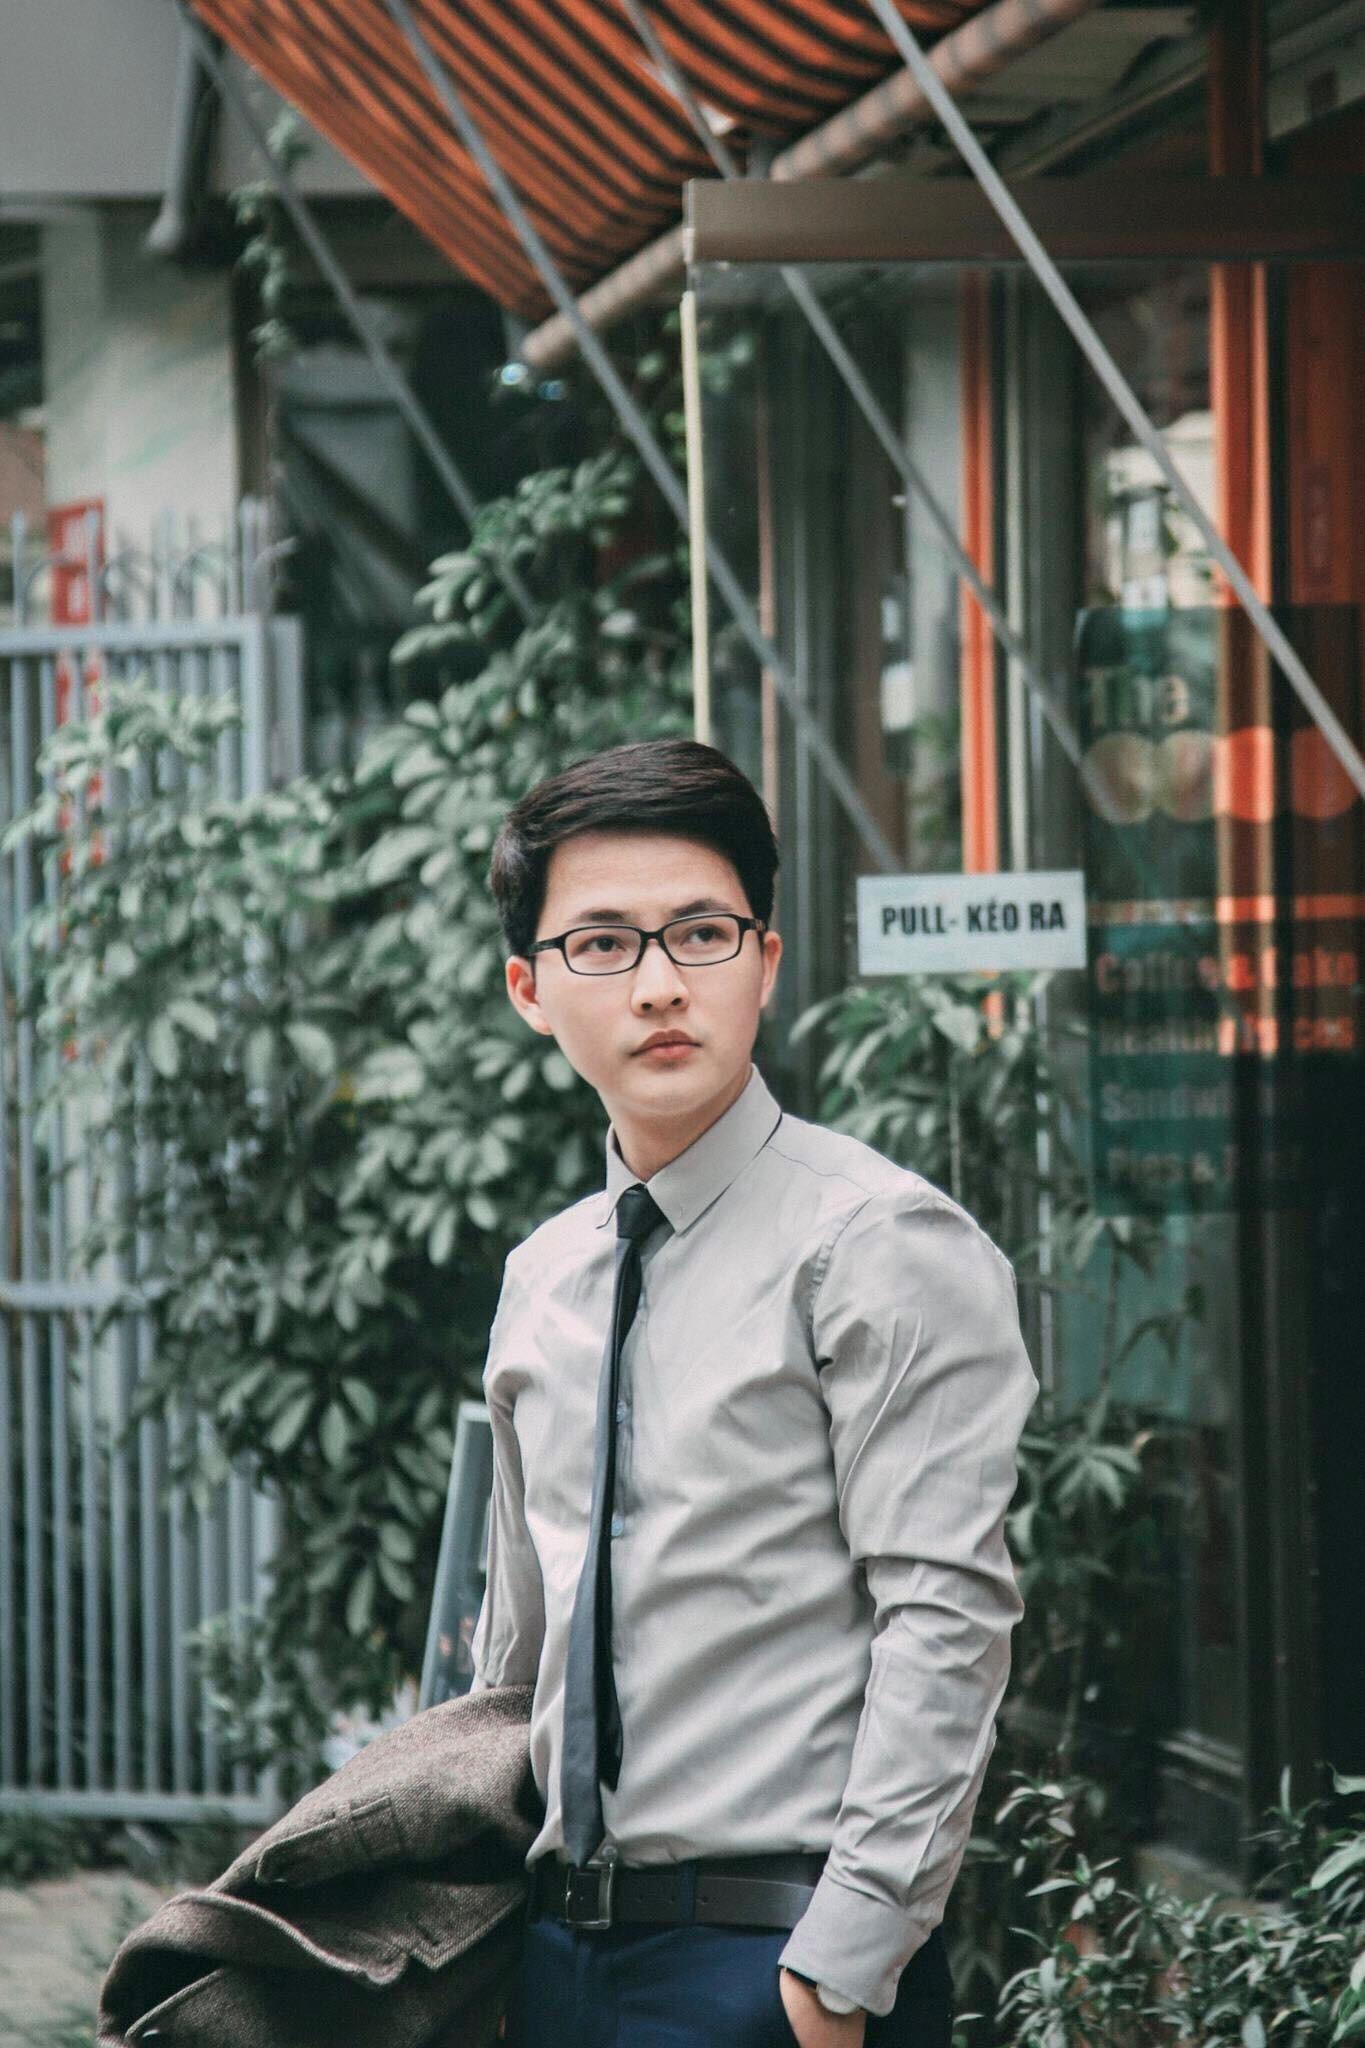 Thầy giáo Lại Tiến Minh: Đề thi lớp 10 ở Hà Nội nhàm chán, không có điểm mới lạ, xa rời thực tế - Ảnh 1.